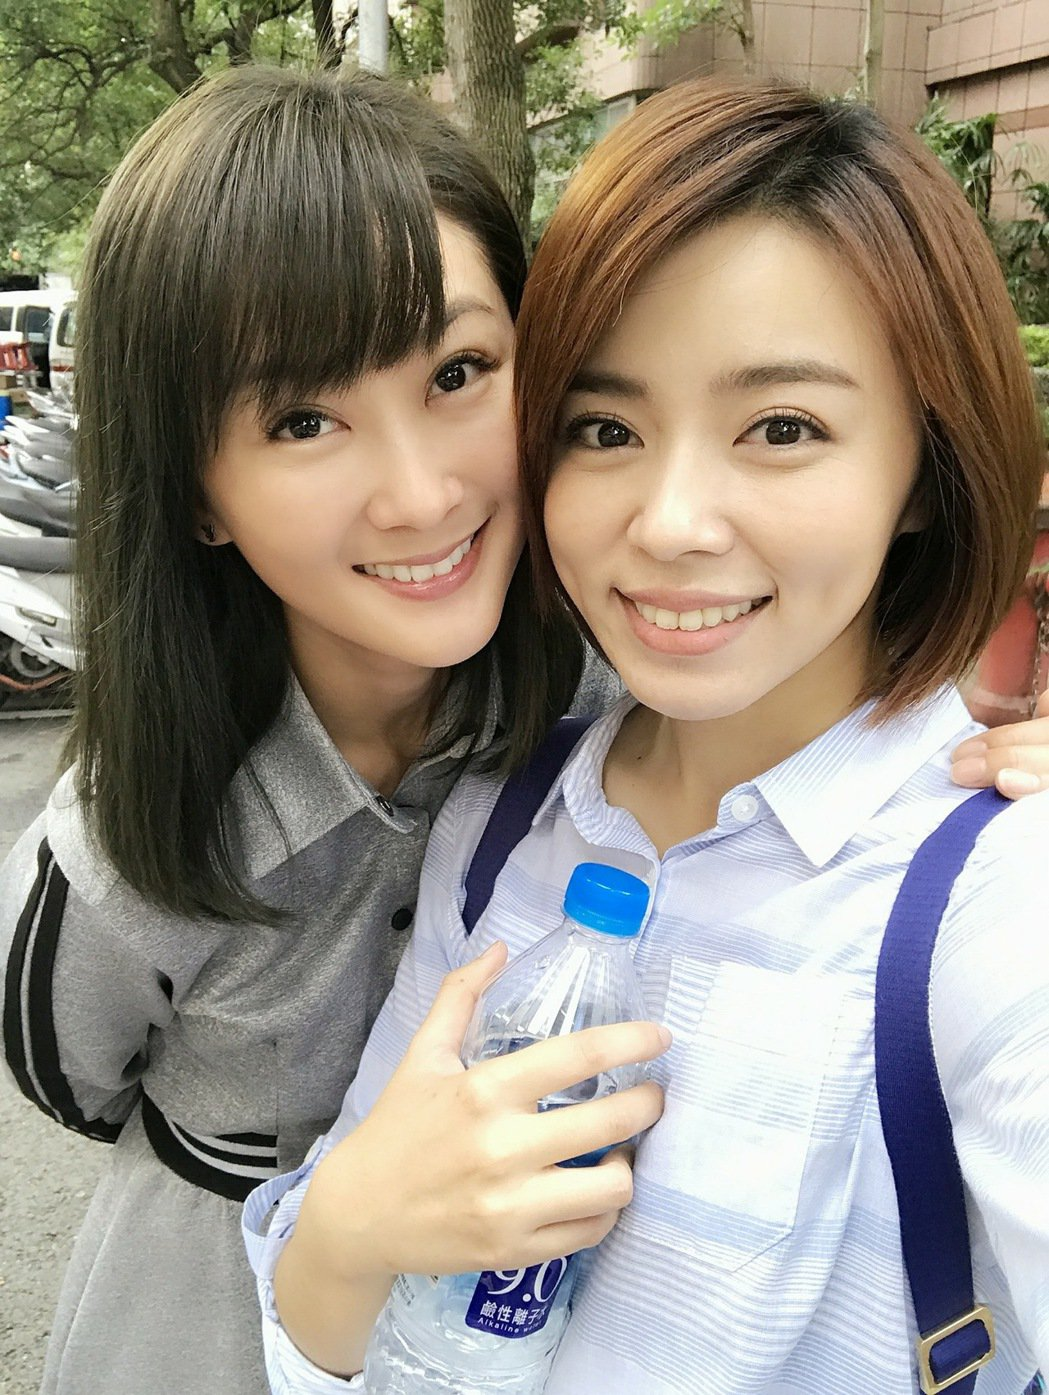 陳珮騏(左)和王瞳二個八點檔對打台女主角竟街頭巧遇。 圖/摘自臉書